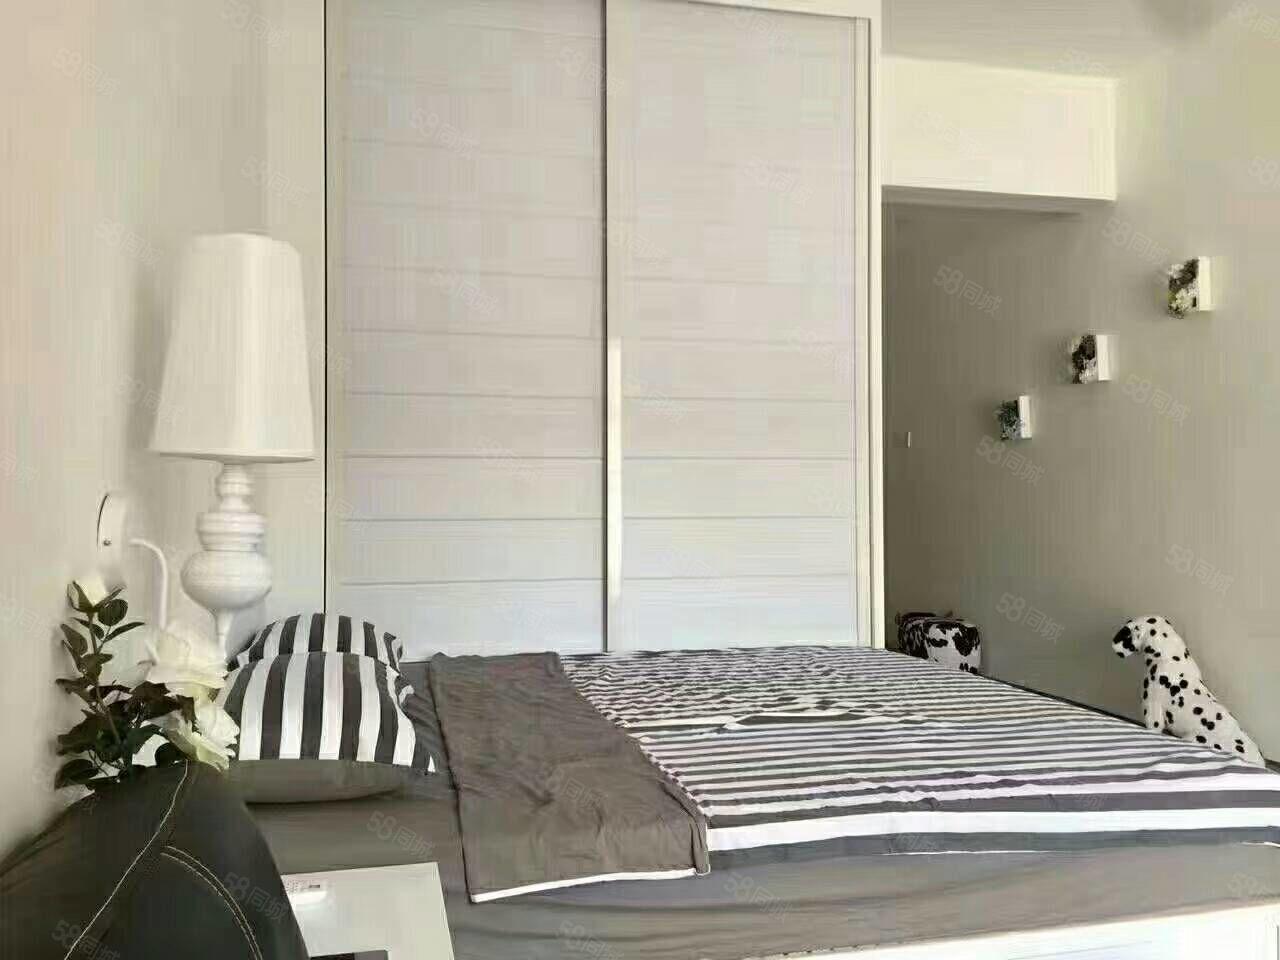 新都汇42平方大套房可以接受短租两个月家具齐全